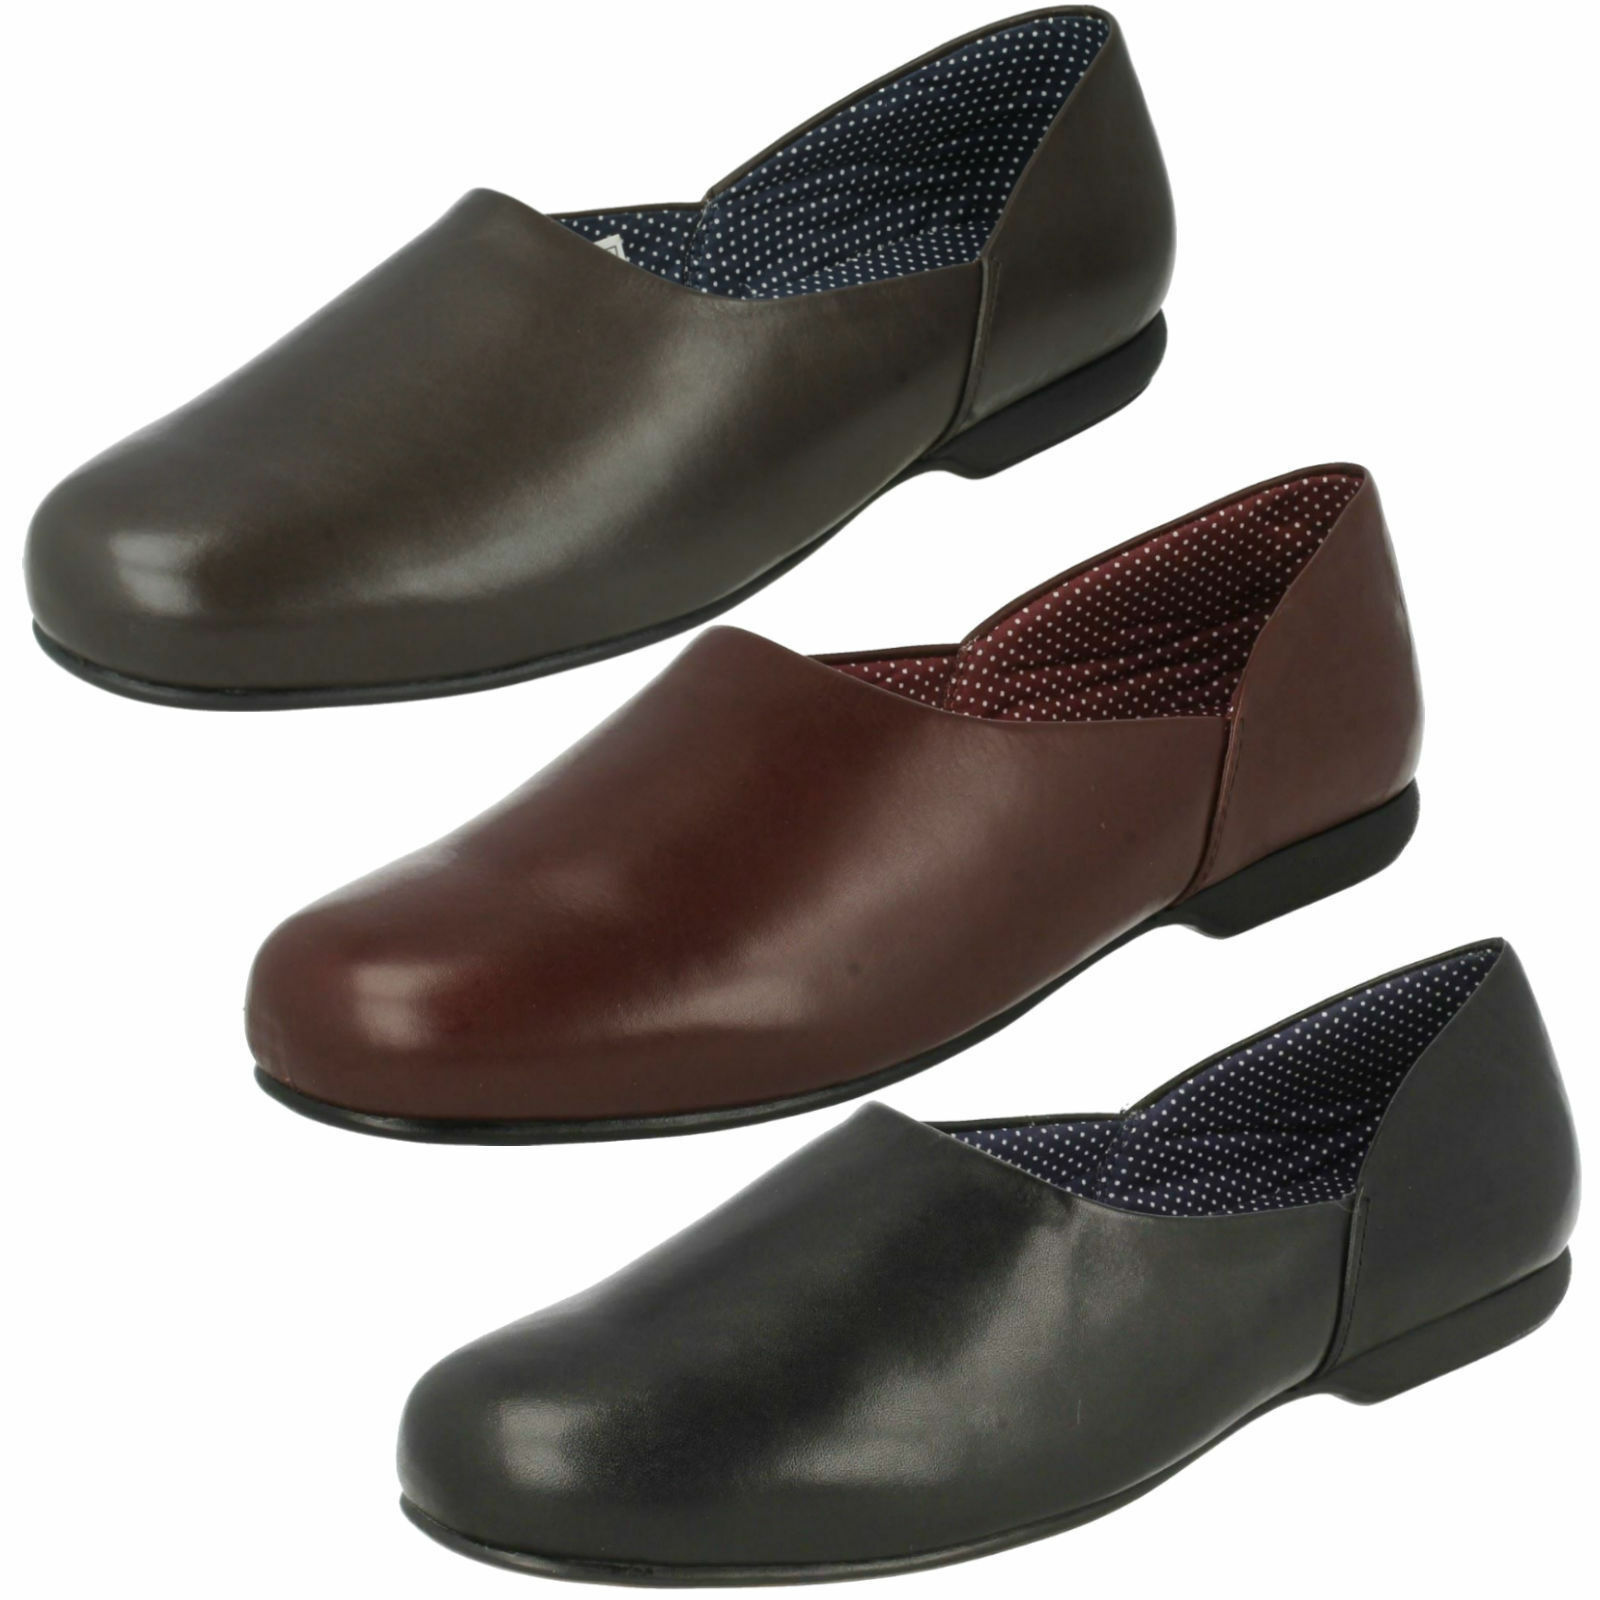 df78323c Para hombres Clarks Resbalón En Caliente Suela Dura Interior Zapatillas  Harston Lounge Zapatos Cuero nsfzqp2772-Zapatillas de andar por casa